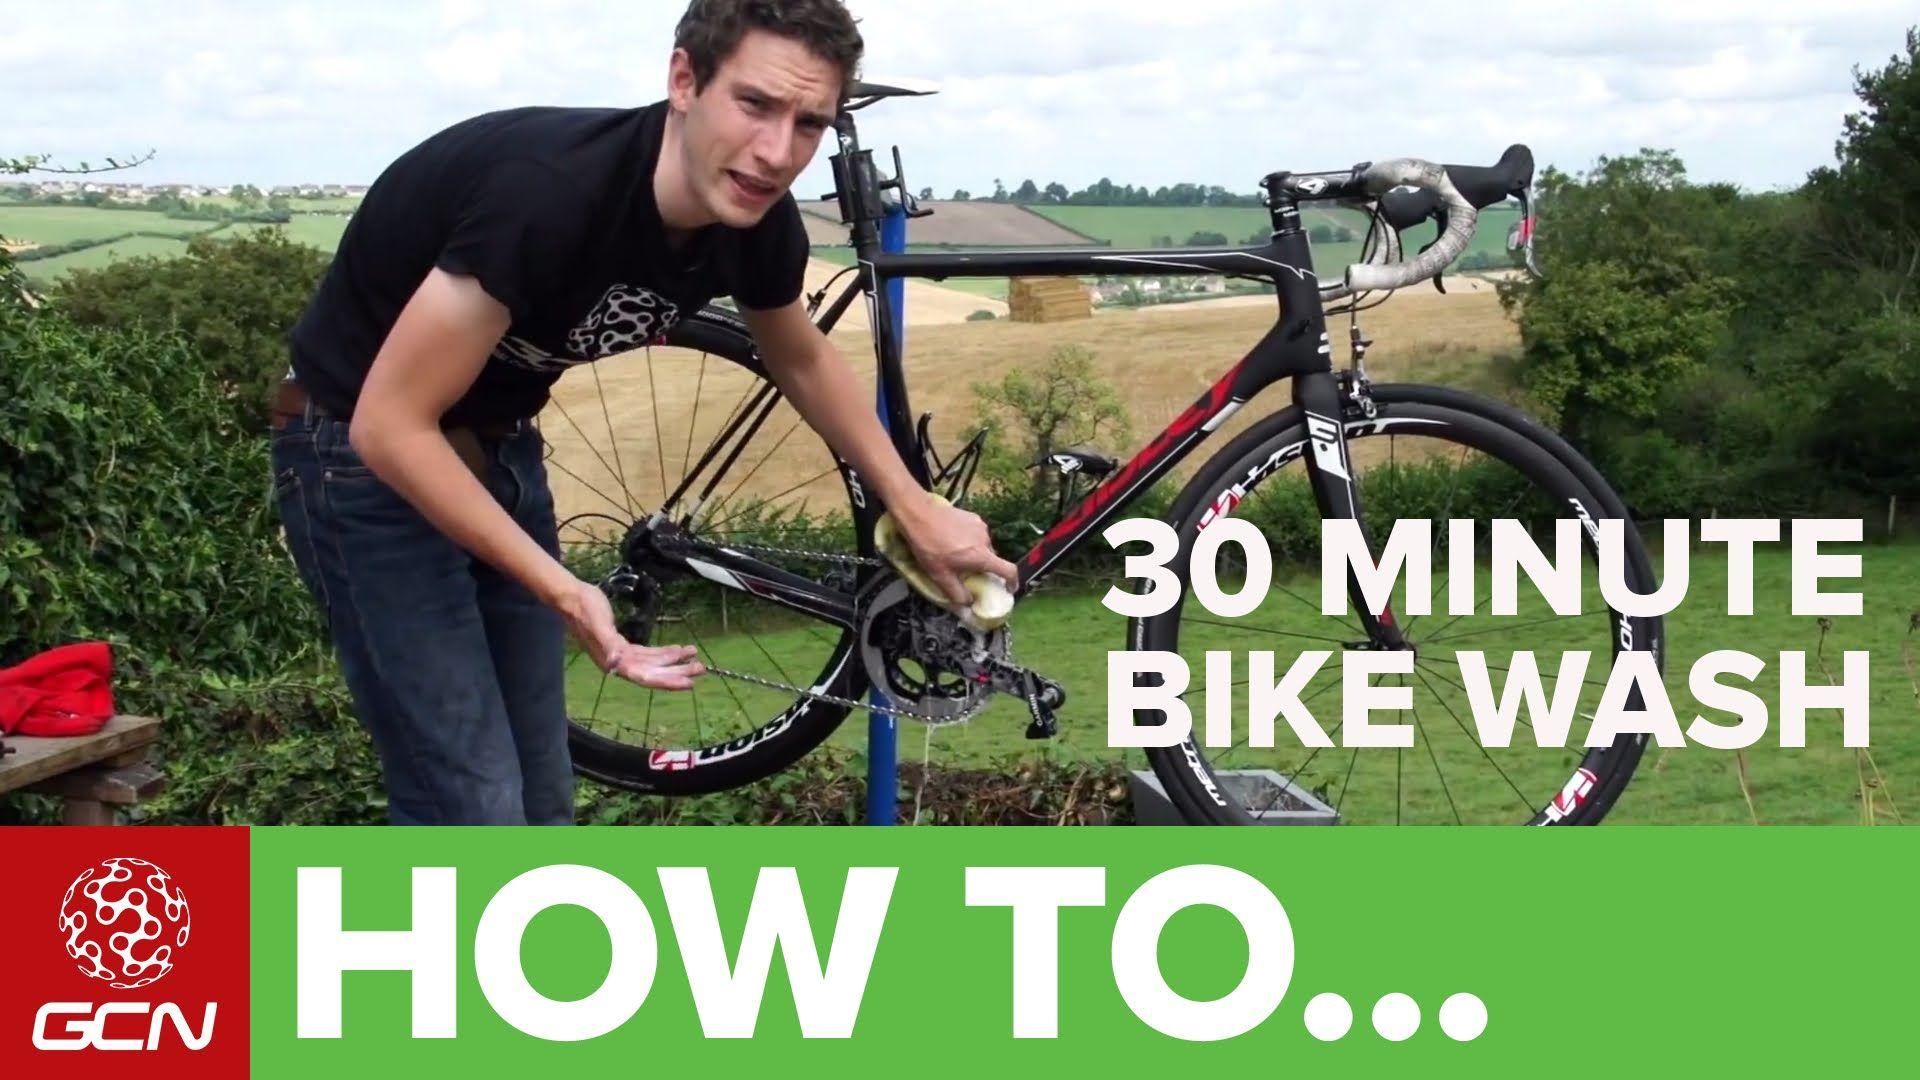 The 30 Minute Bike Wash How To Clean Degrease Your Bike Bike